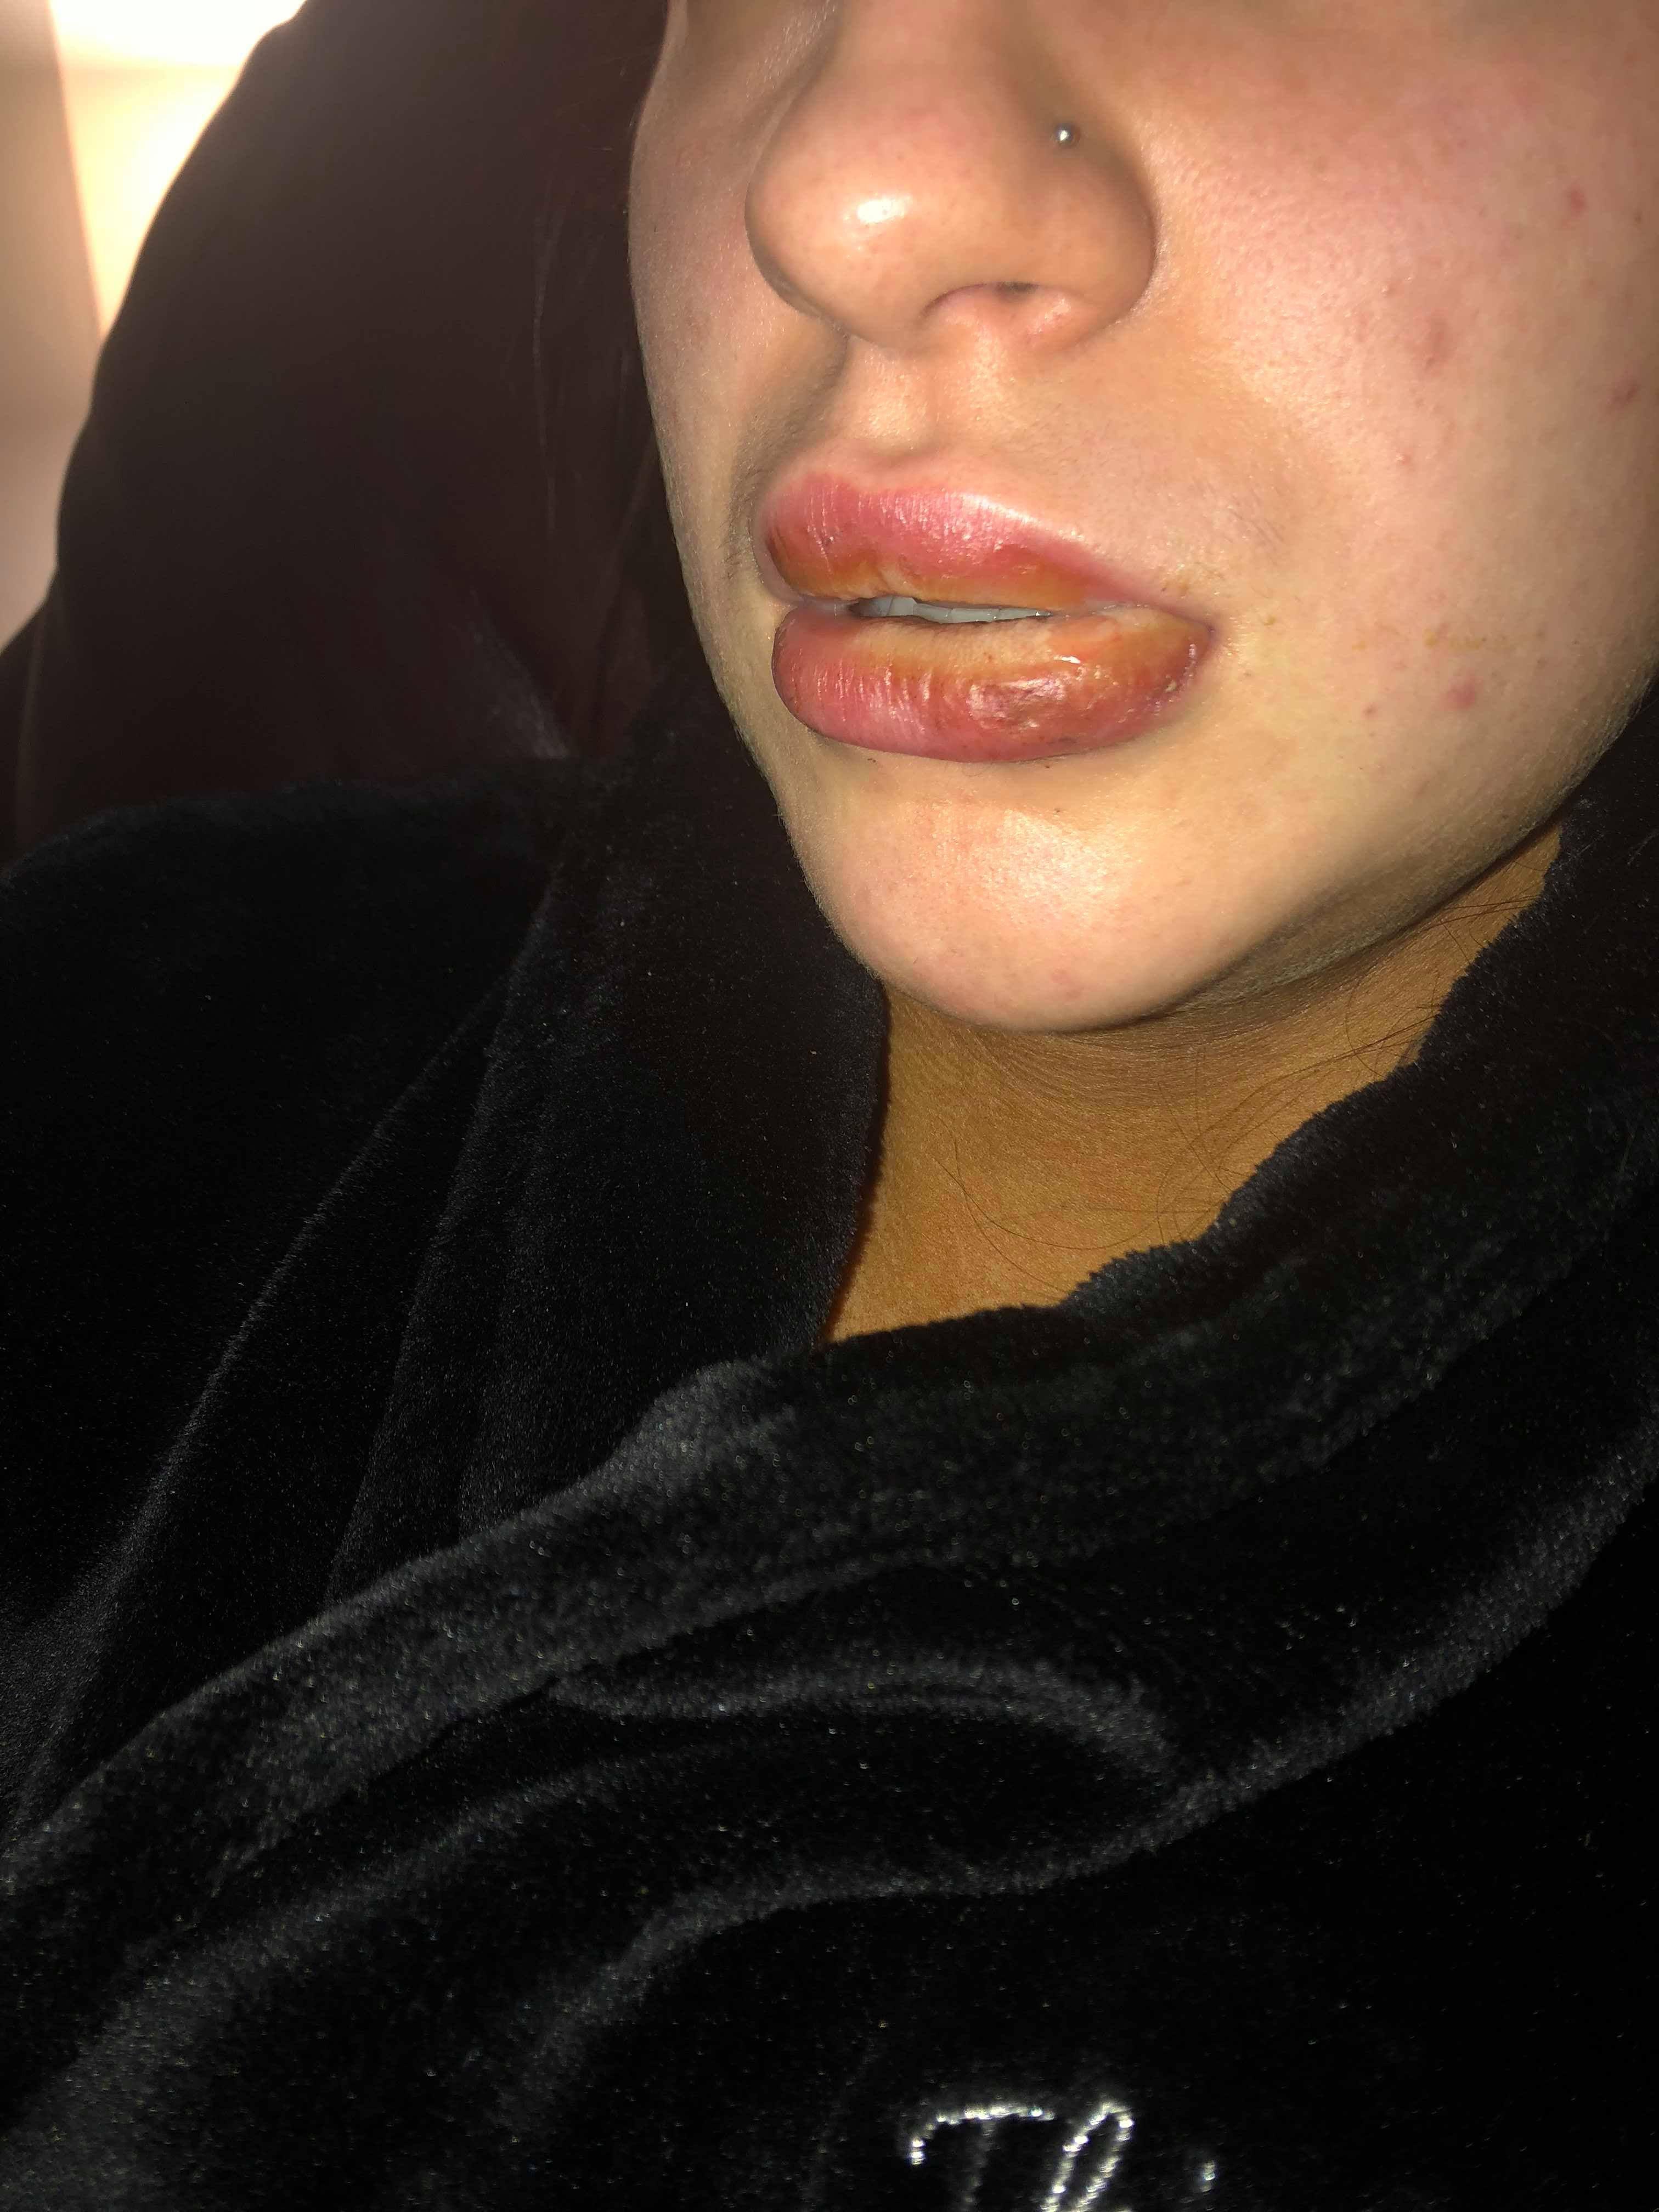 Dva dny po použití fejkové rtěnky Kylie otok lehce opadl